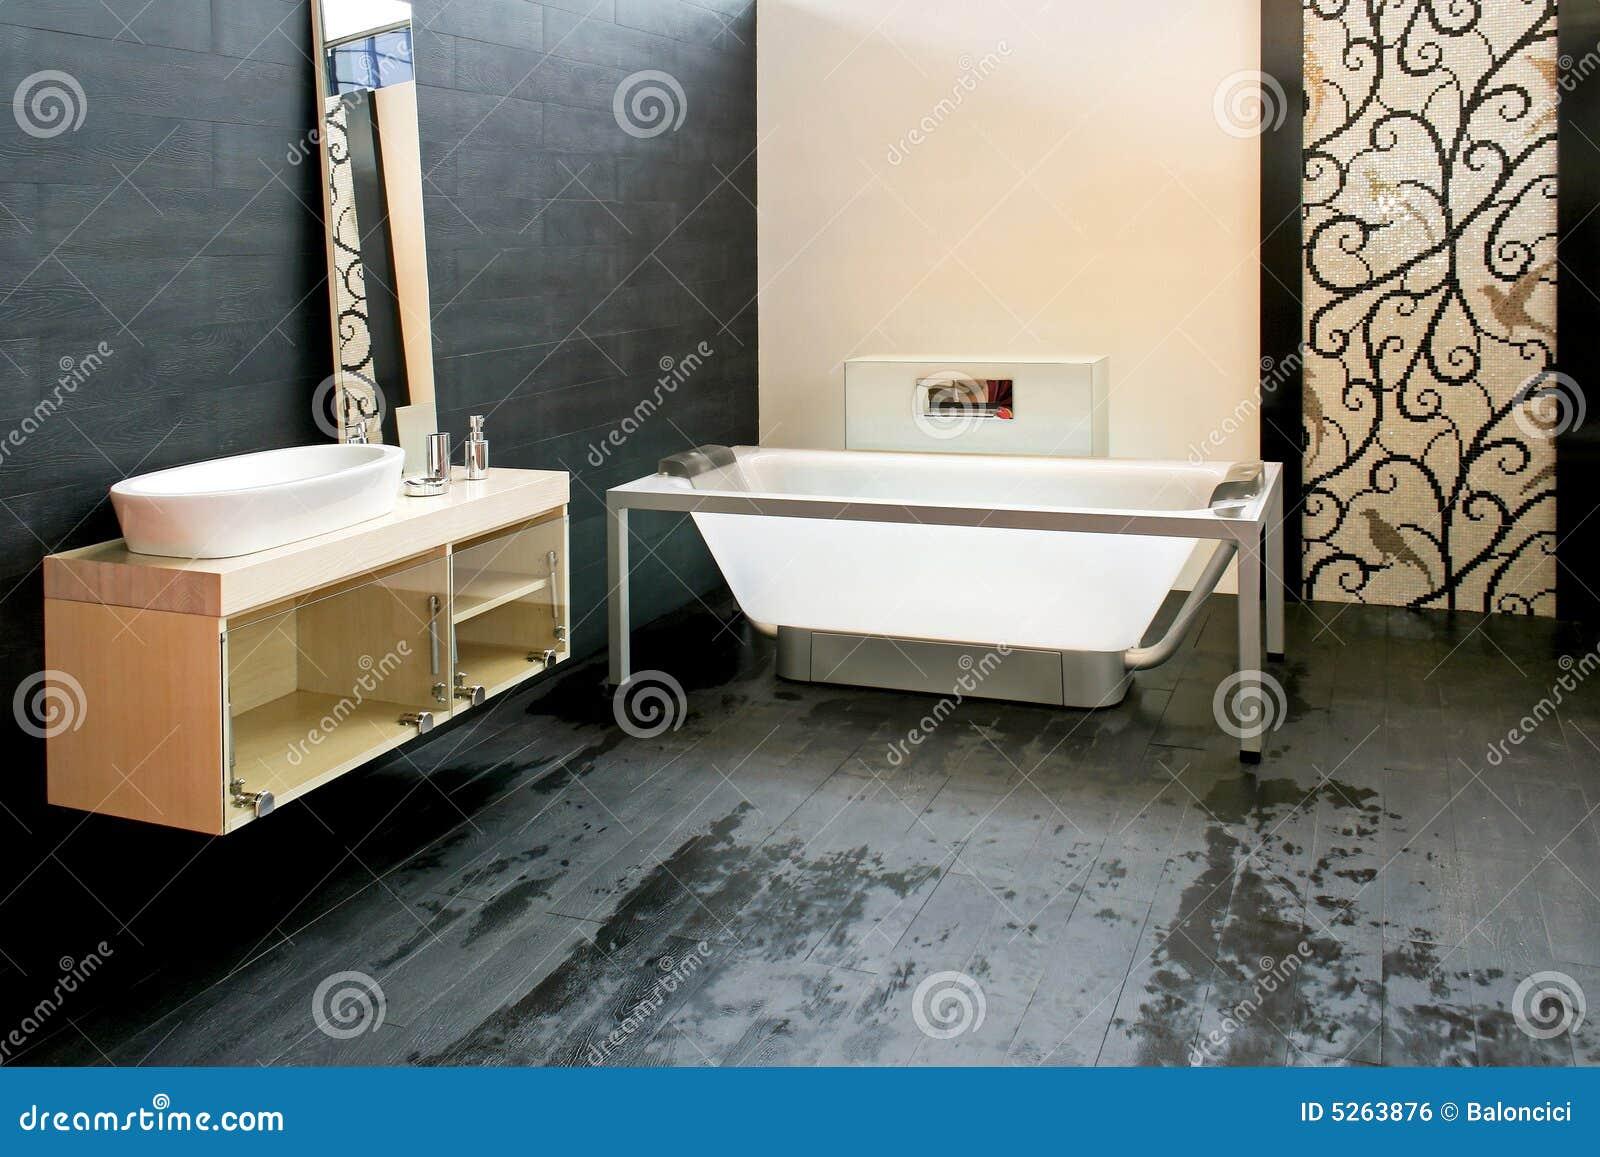 Rivestimento Bagno Parquetbagno Parquet Scuro : Rivestimento bagno ...